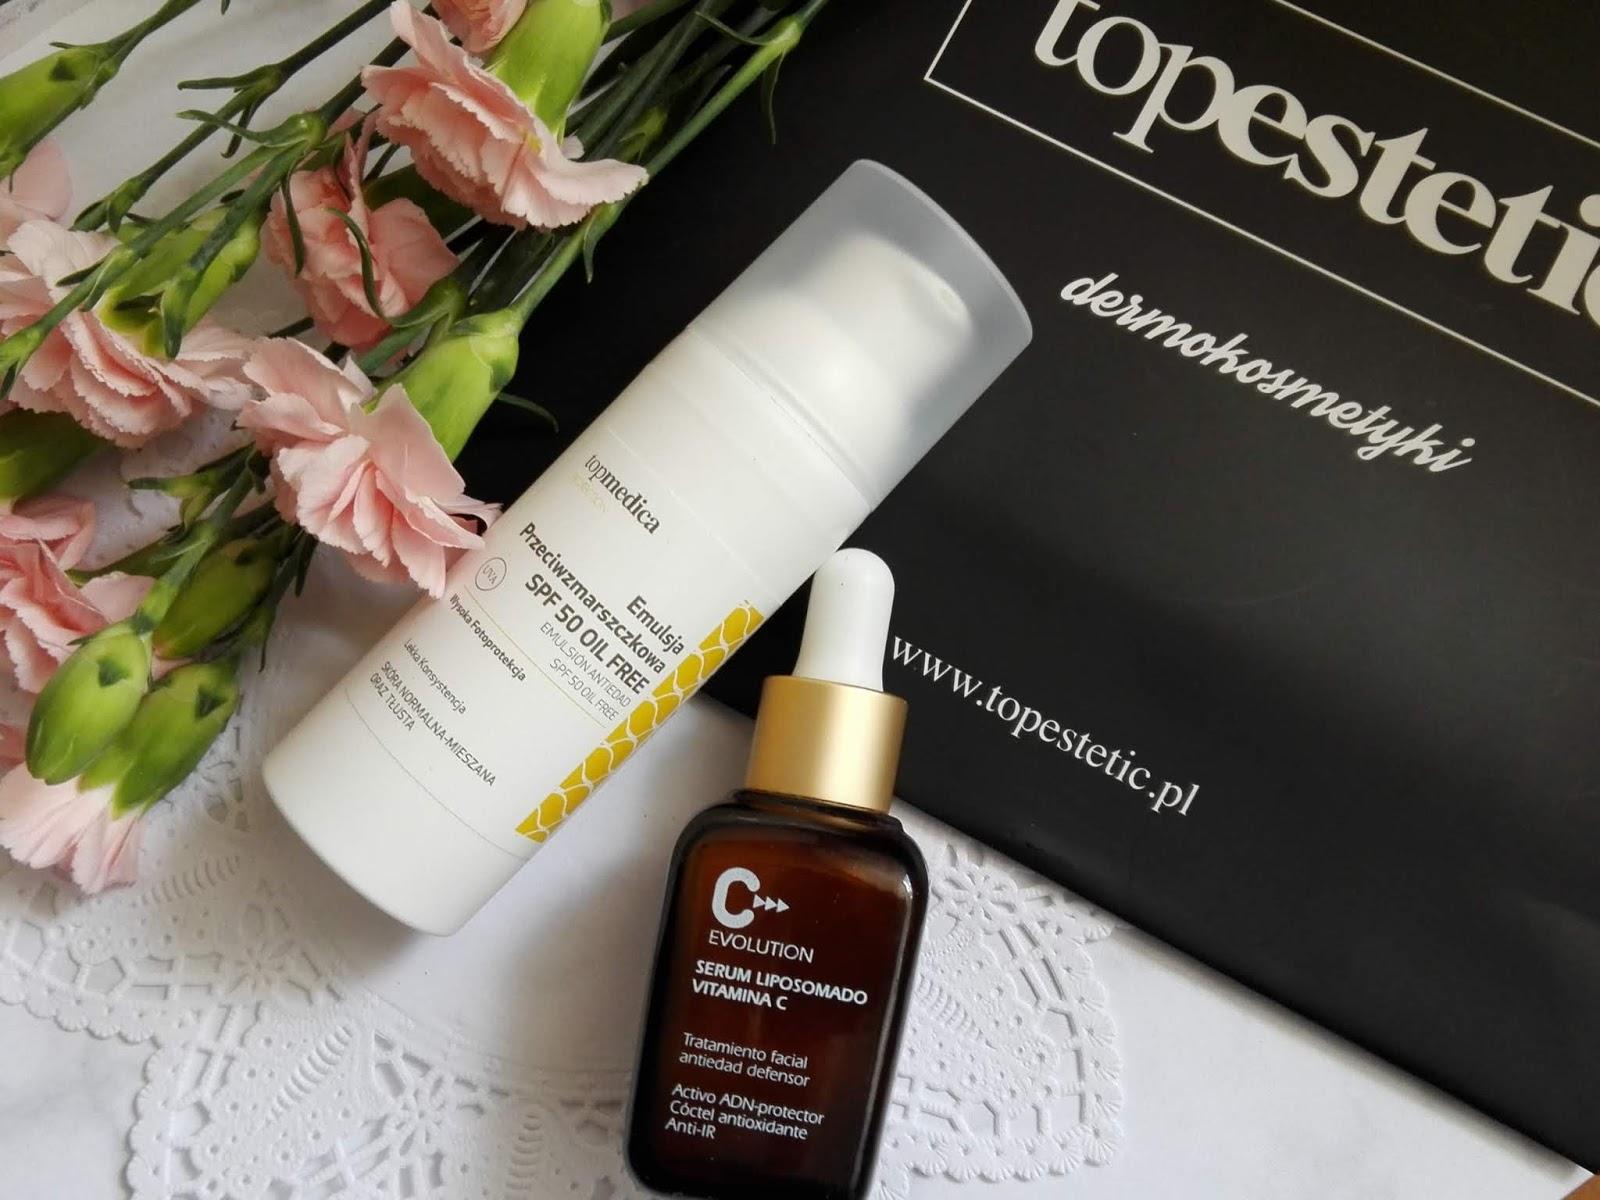 Letnia pielęgnacja i ochrona skóry z marką Topmedica